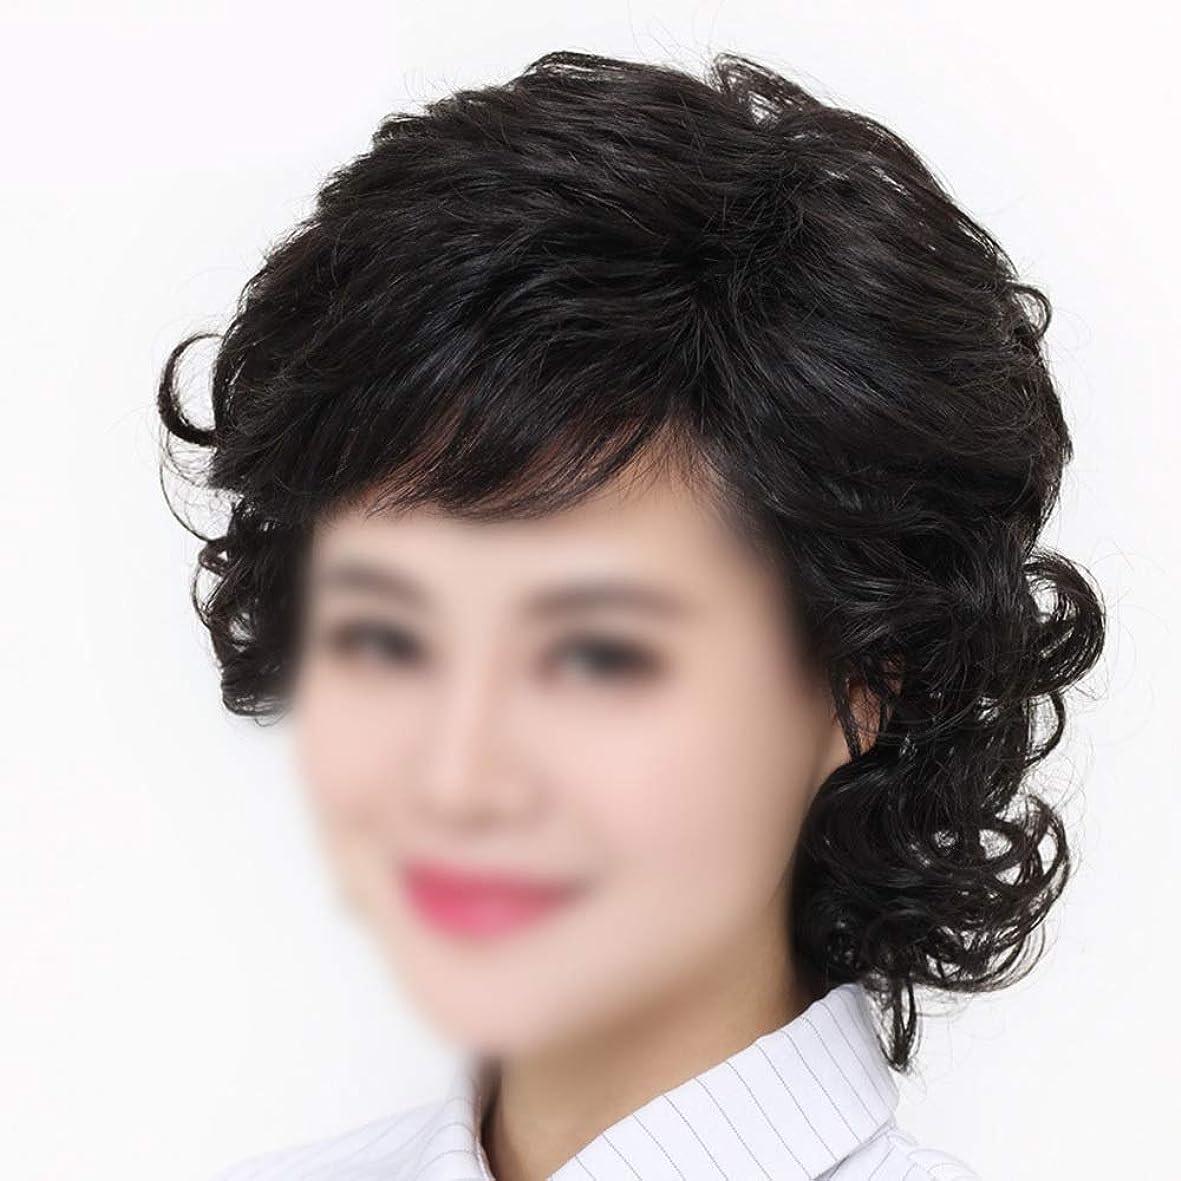 輸血豊富な階Mayalina 女性のための手織りの短い髪のリアルヘアダークブラウンのかつら母の髪のかつら (色 : Natural black, サイズ : Hand-woven)